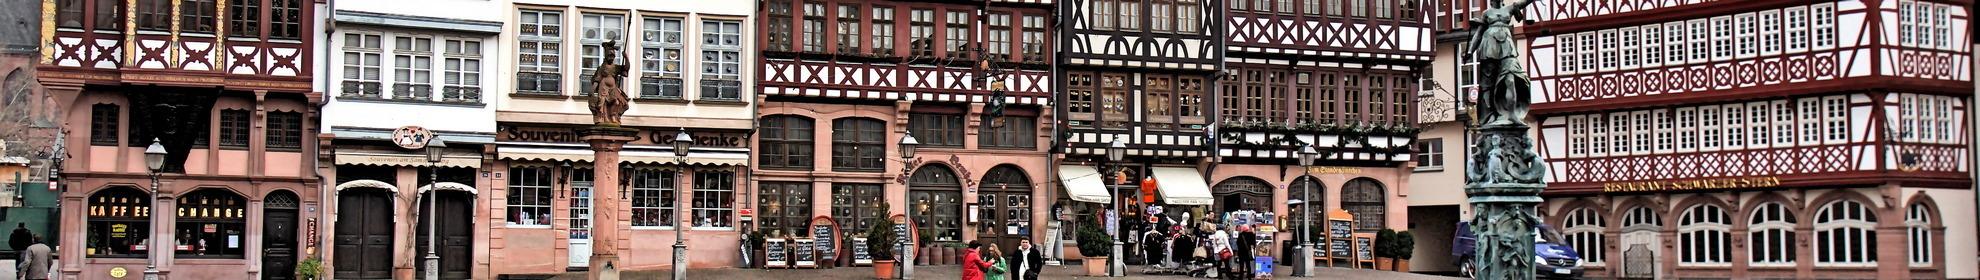 Hotel Diplomat Frankfurt Am Main